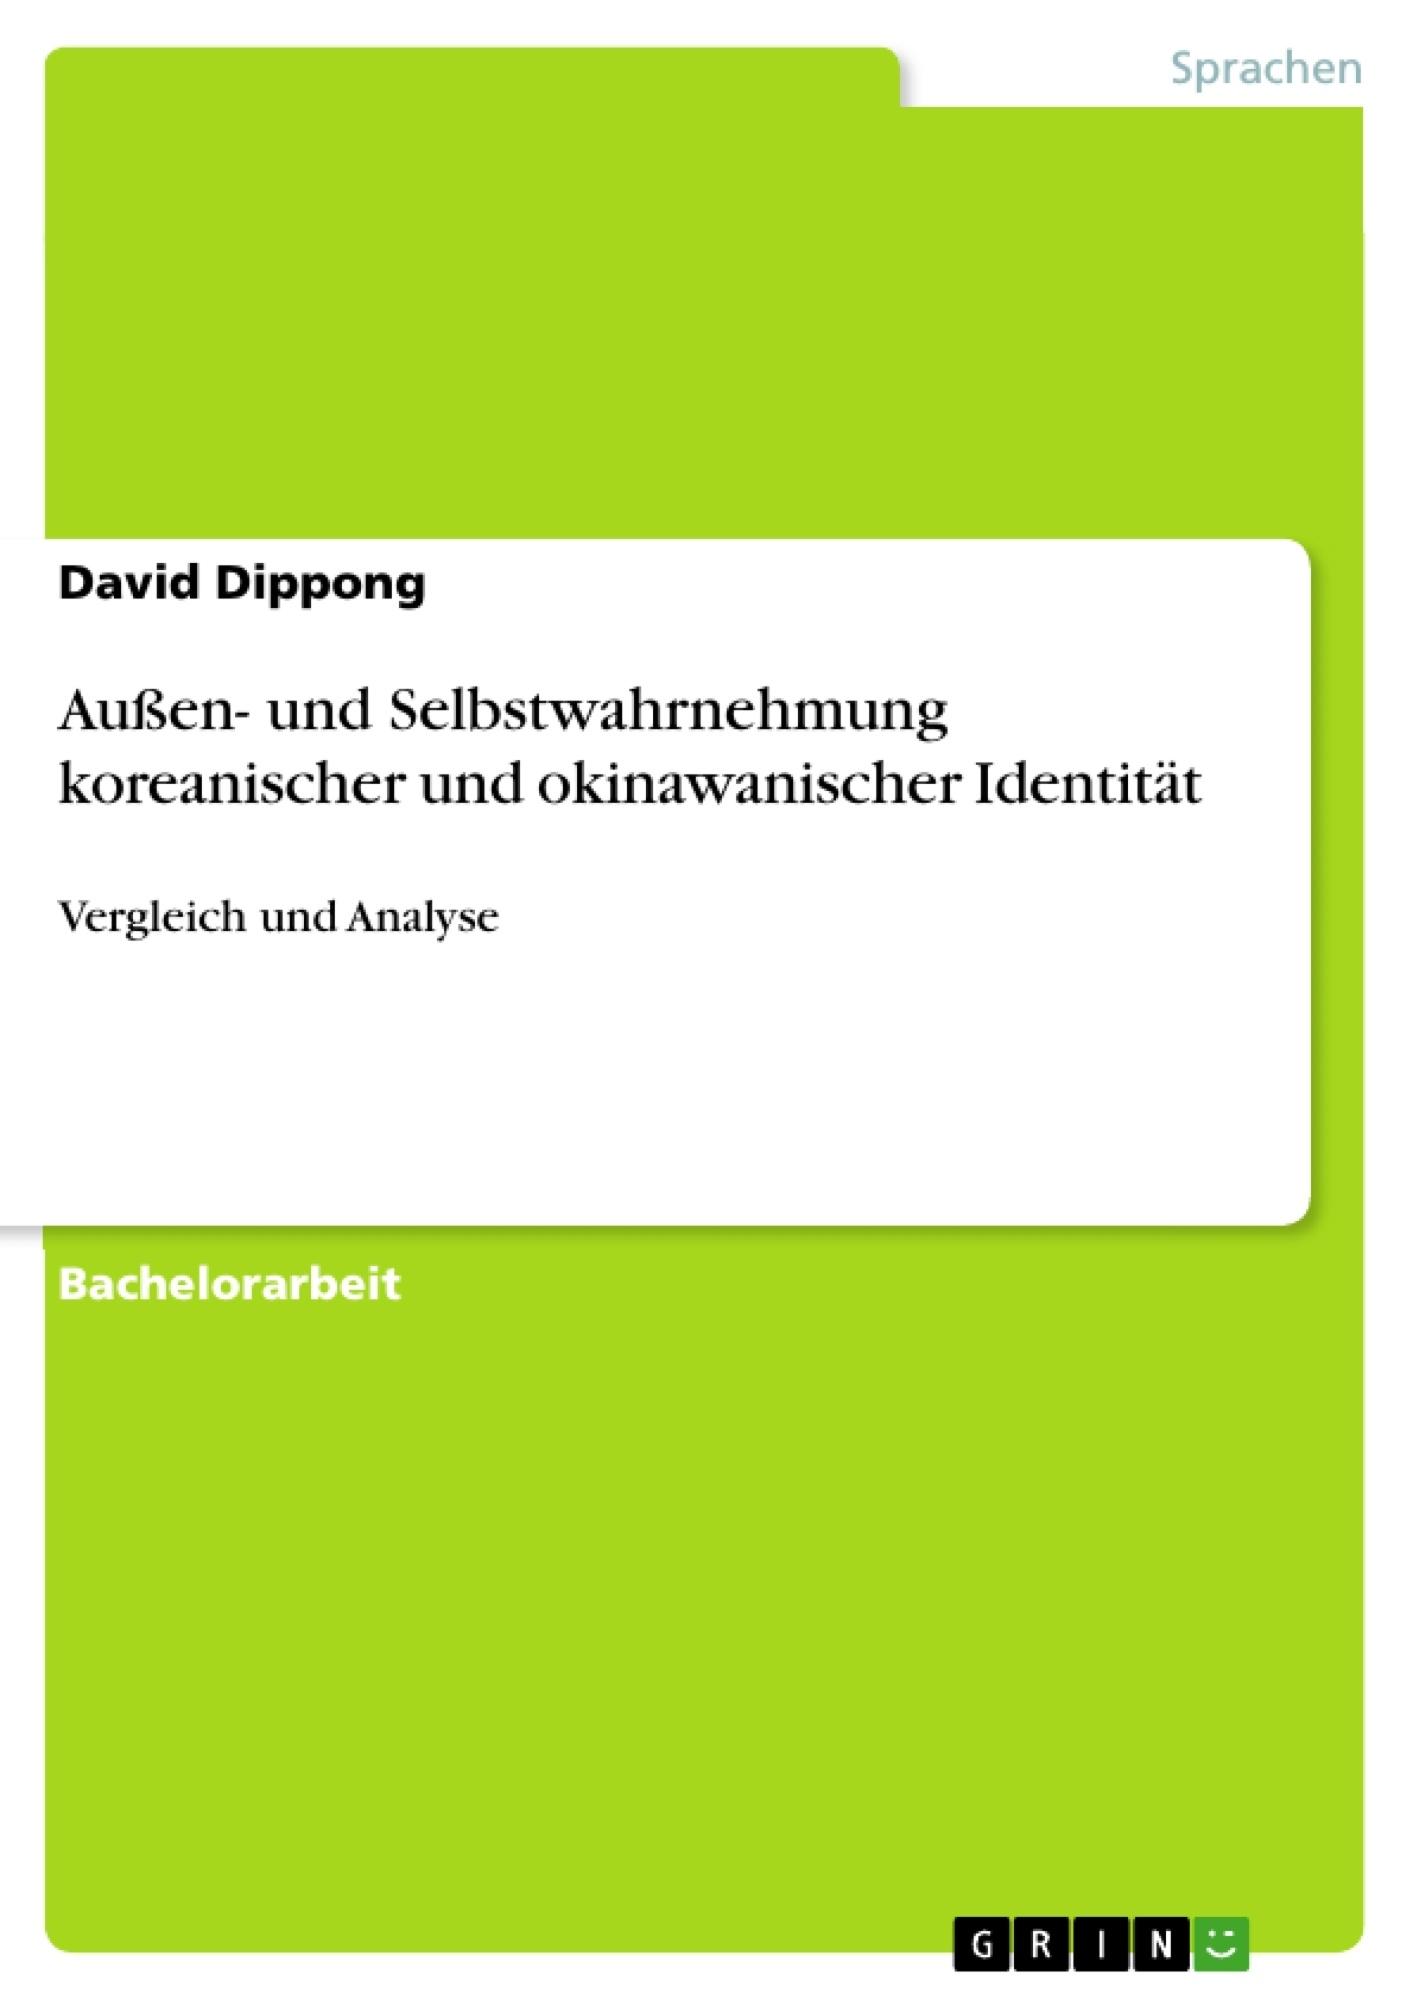 Titel: Außen- und Selbstwahrnehmung koreanischer und okinawanischer Identität